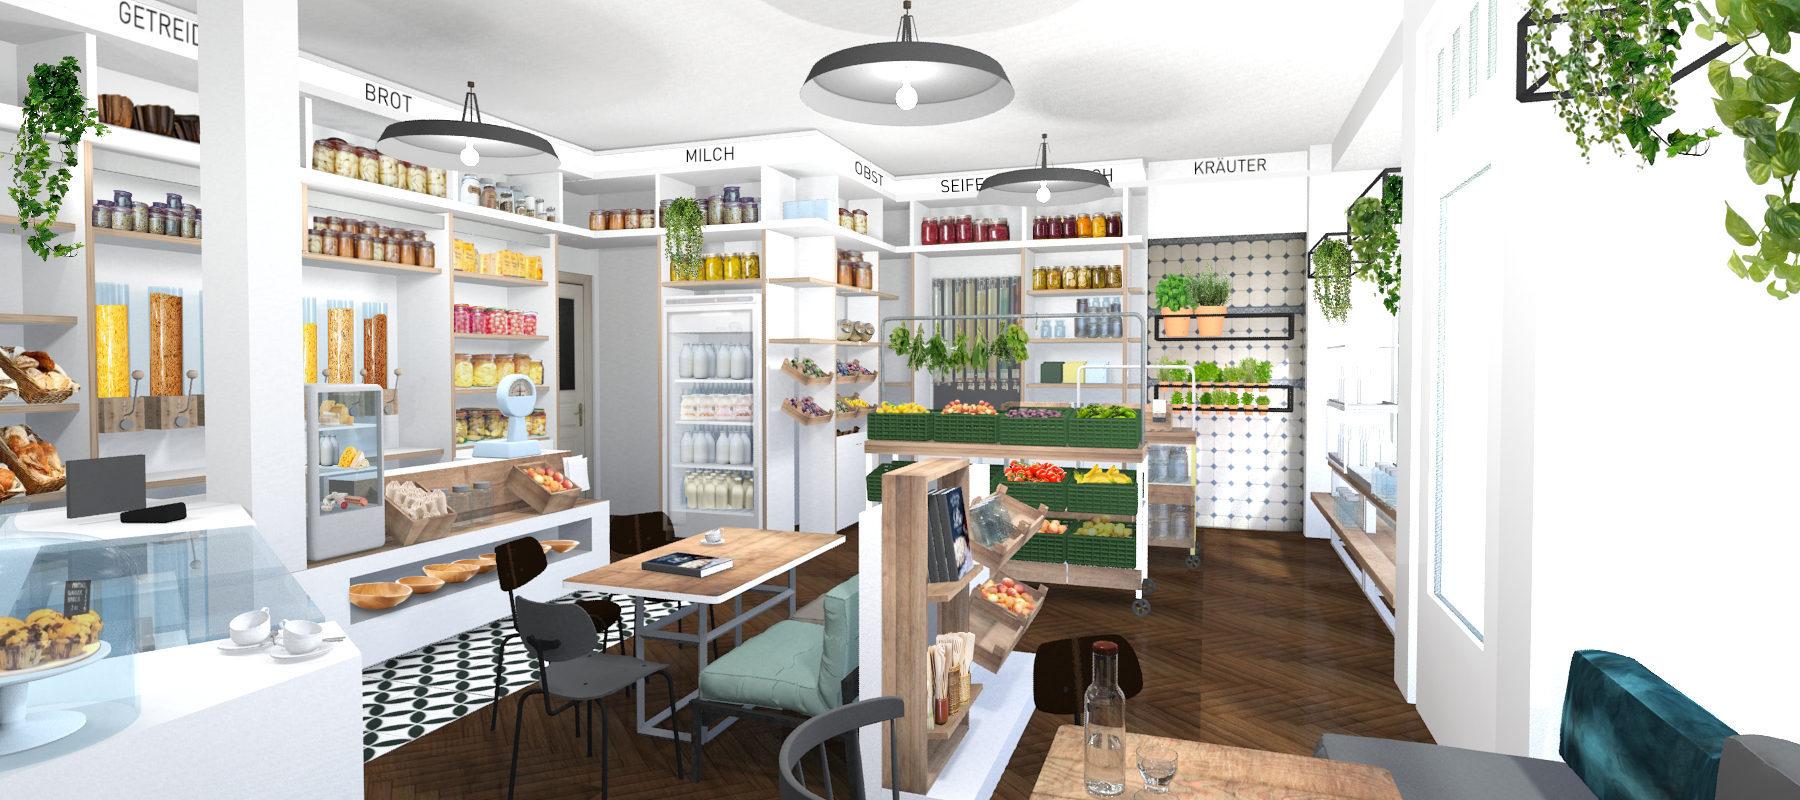 Interior-Design und 3D-Visualisierung unverpacktladen